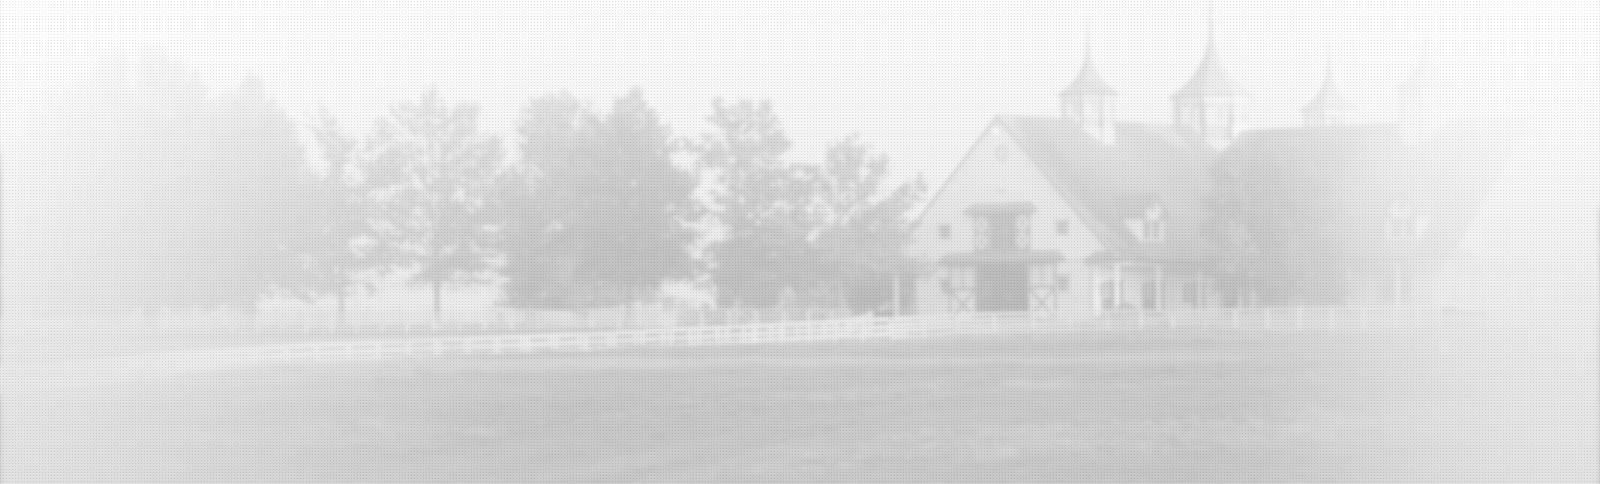 Services - Animaux de la ferme & équins - Hôpital vétérinaire de Sherbrooke